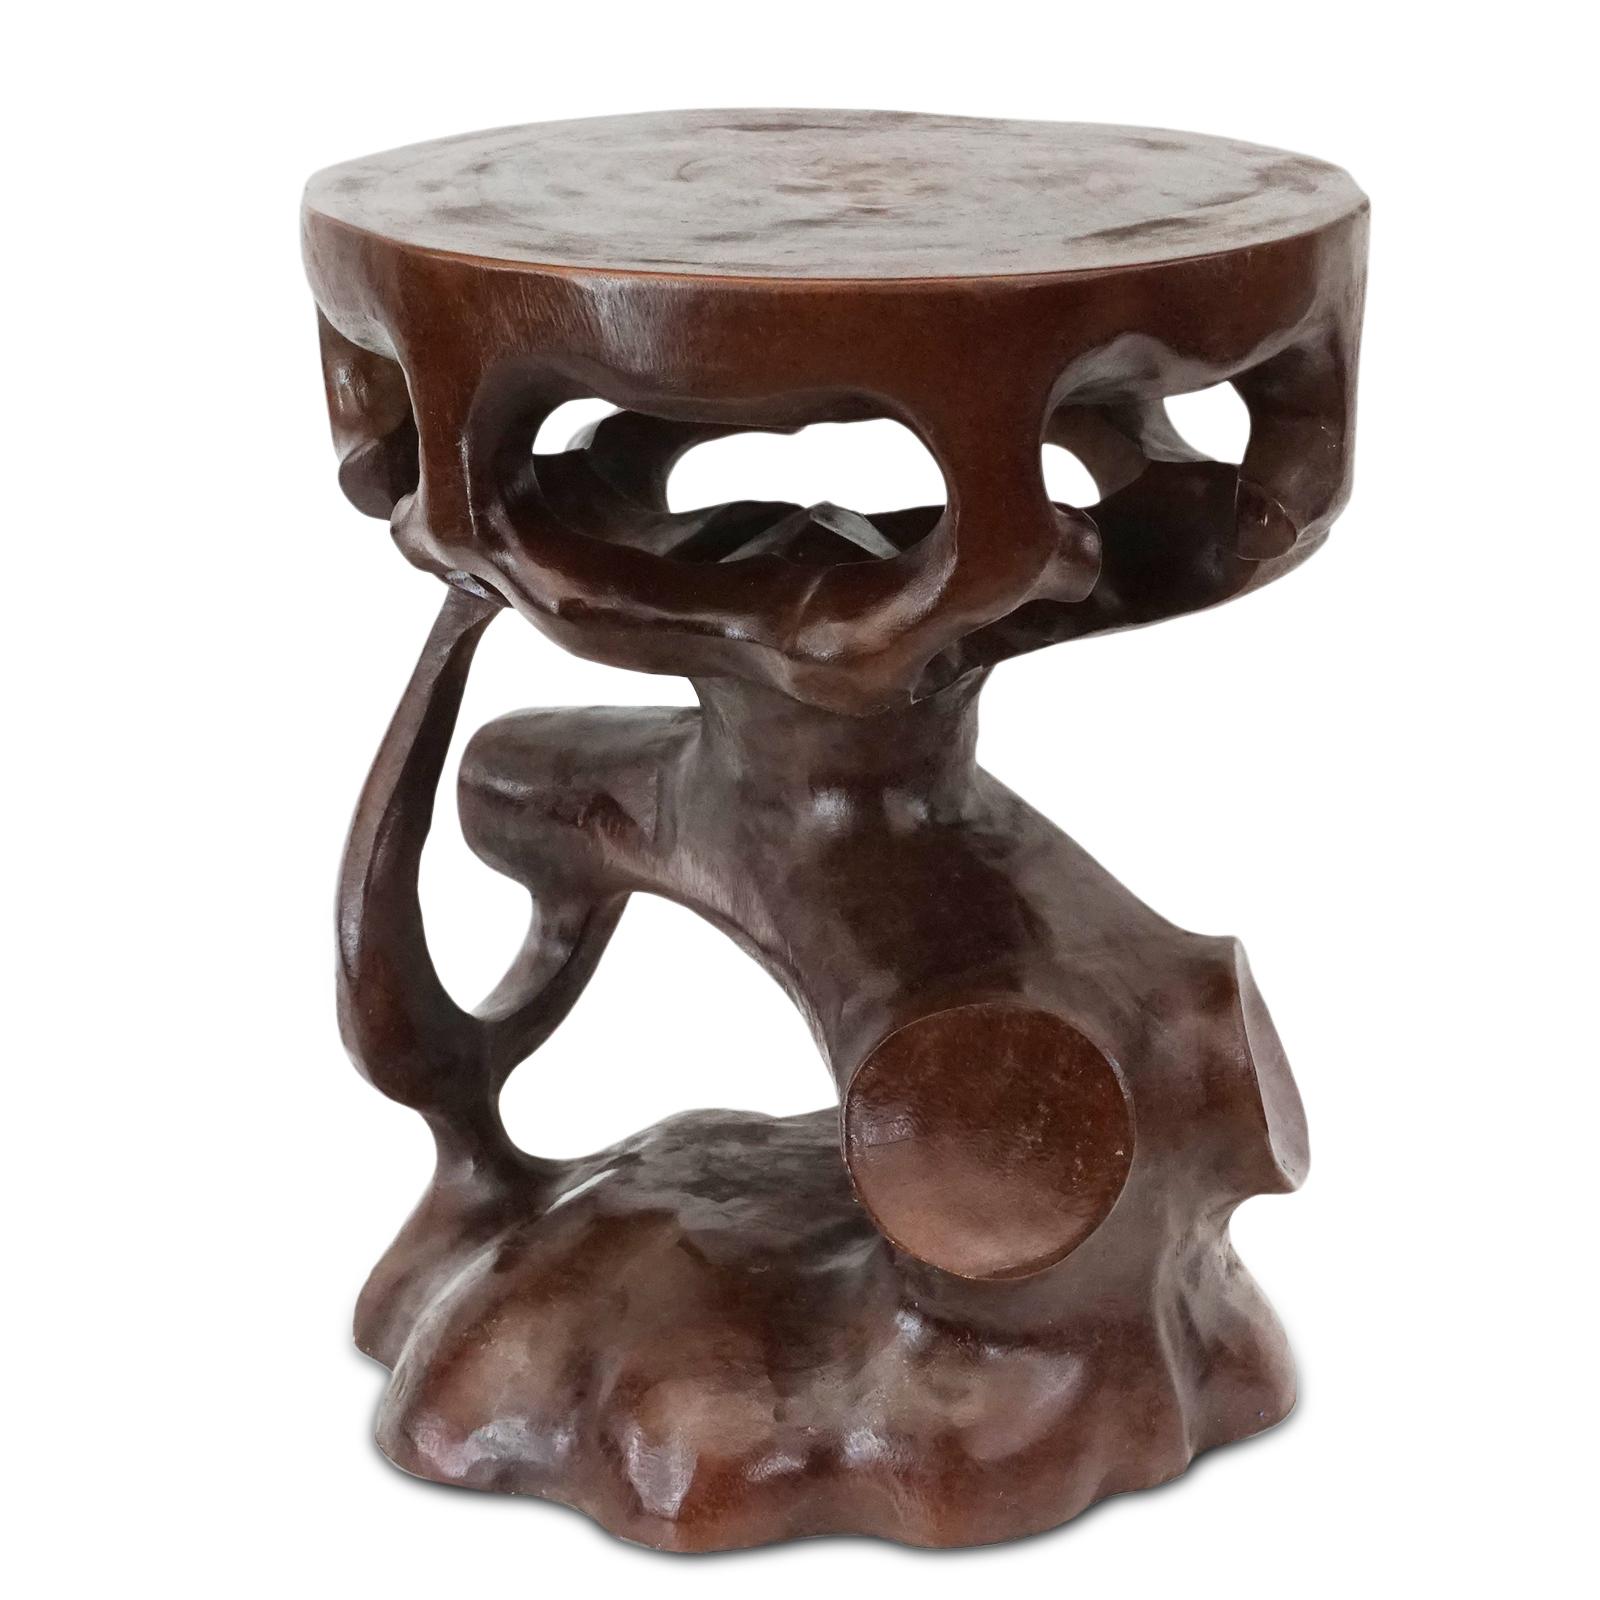 Saman-Holz Rundhocker Möbel ca. 40 cm Blumenhocker Holzhocker Massiv Unikat Beistelltisch Dunkel Braun – Bild 4